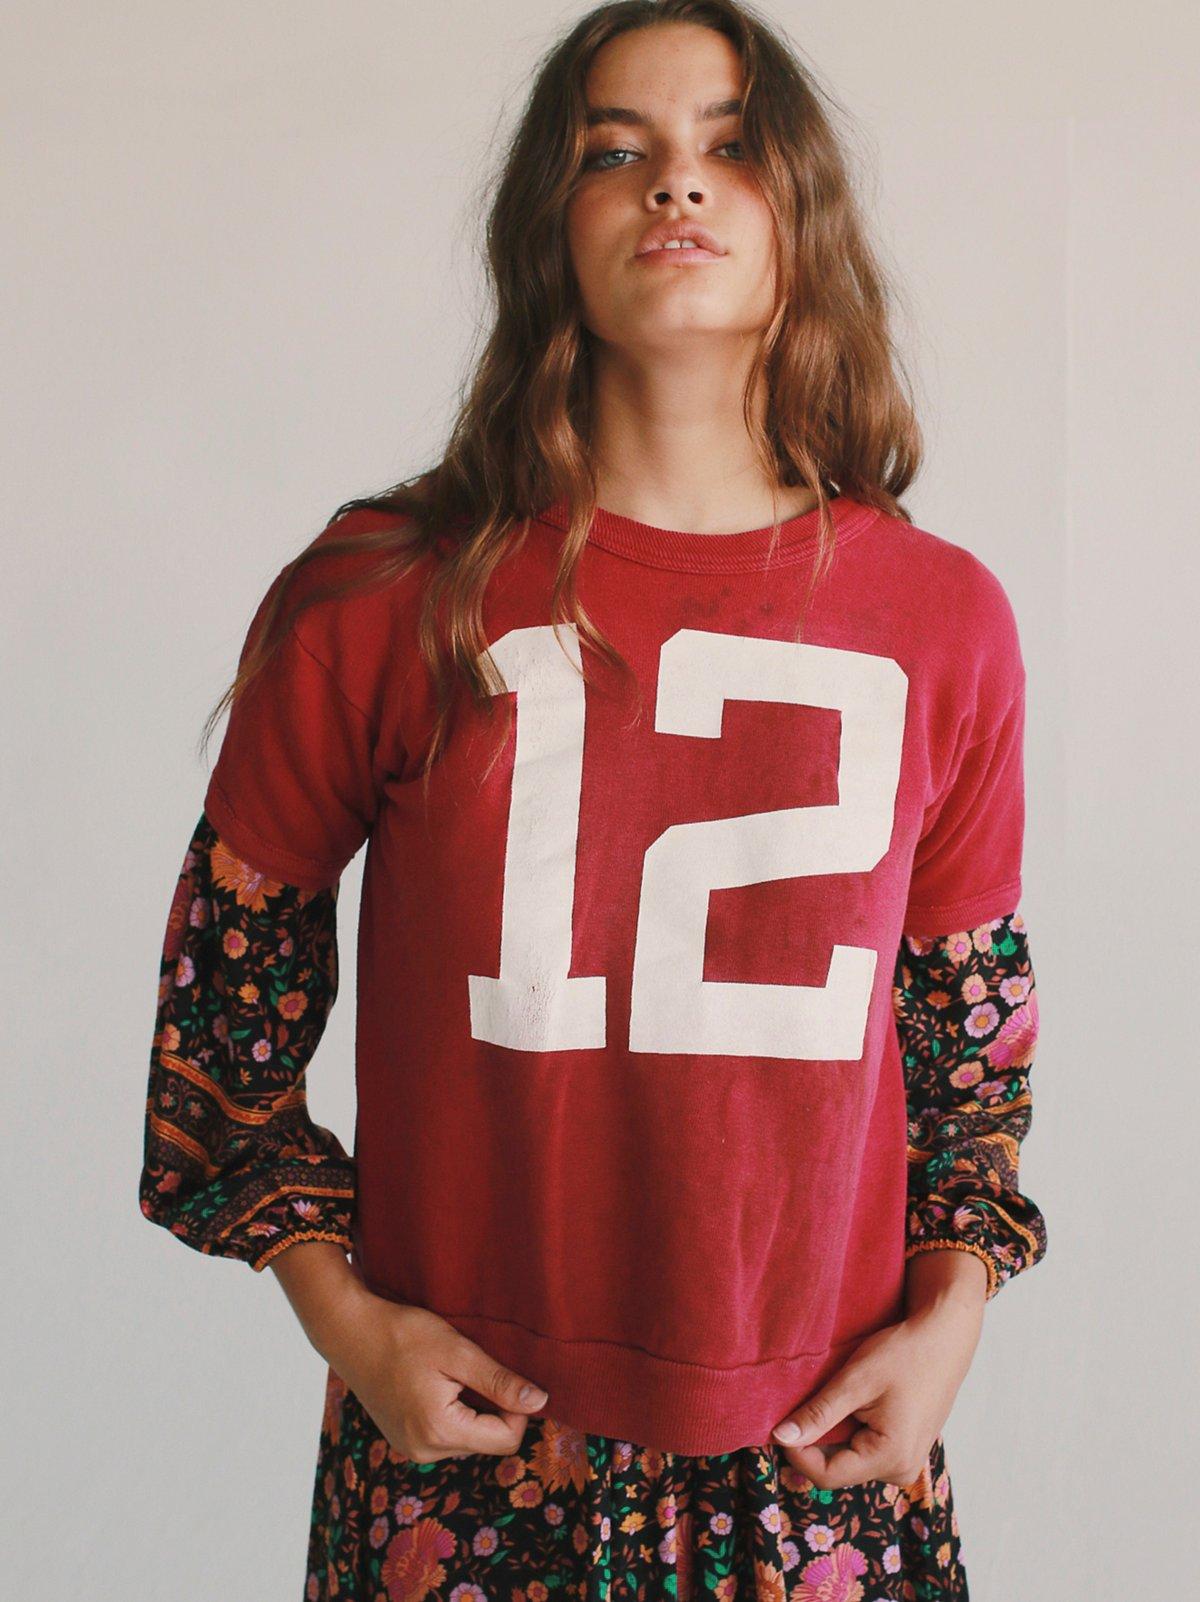 Vintage 1960s Sweatshirt Jersey